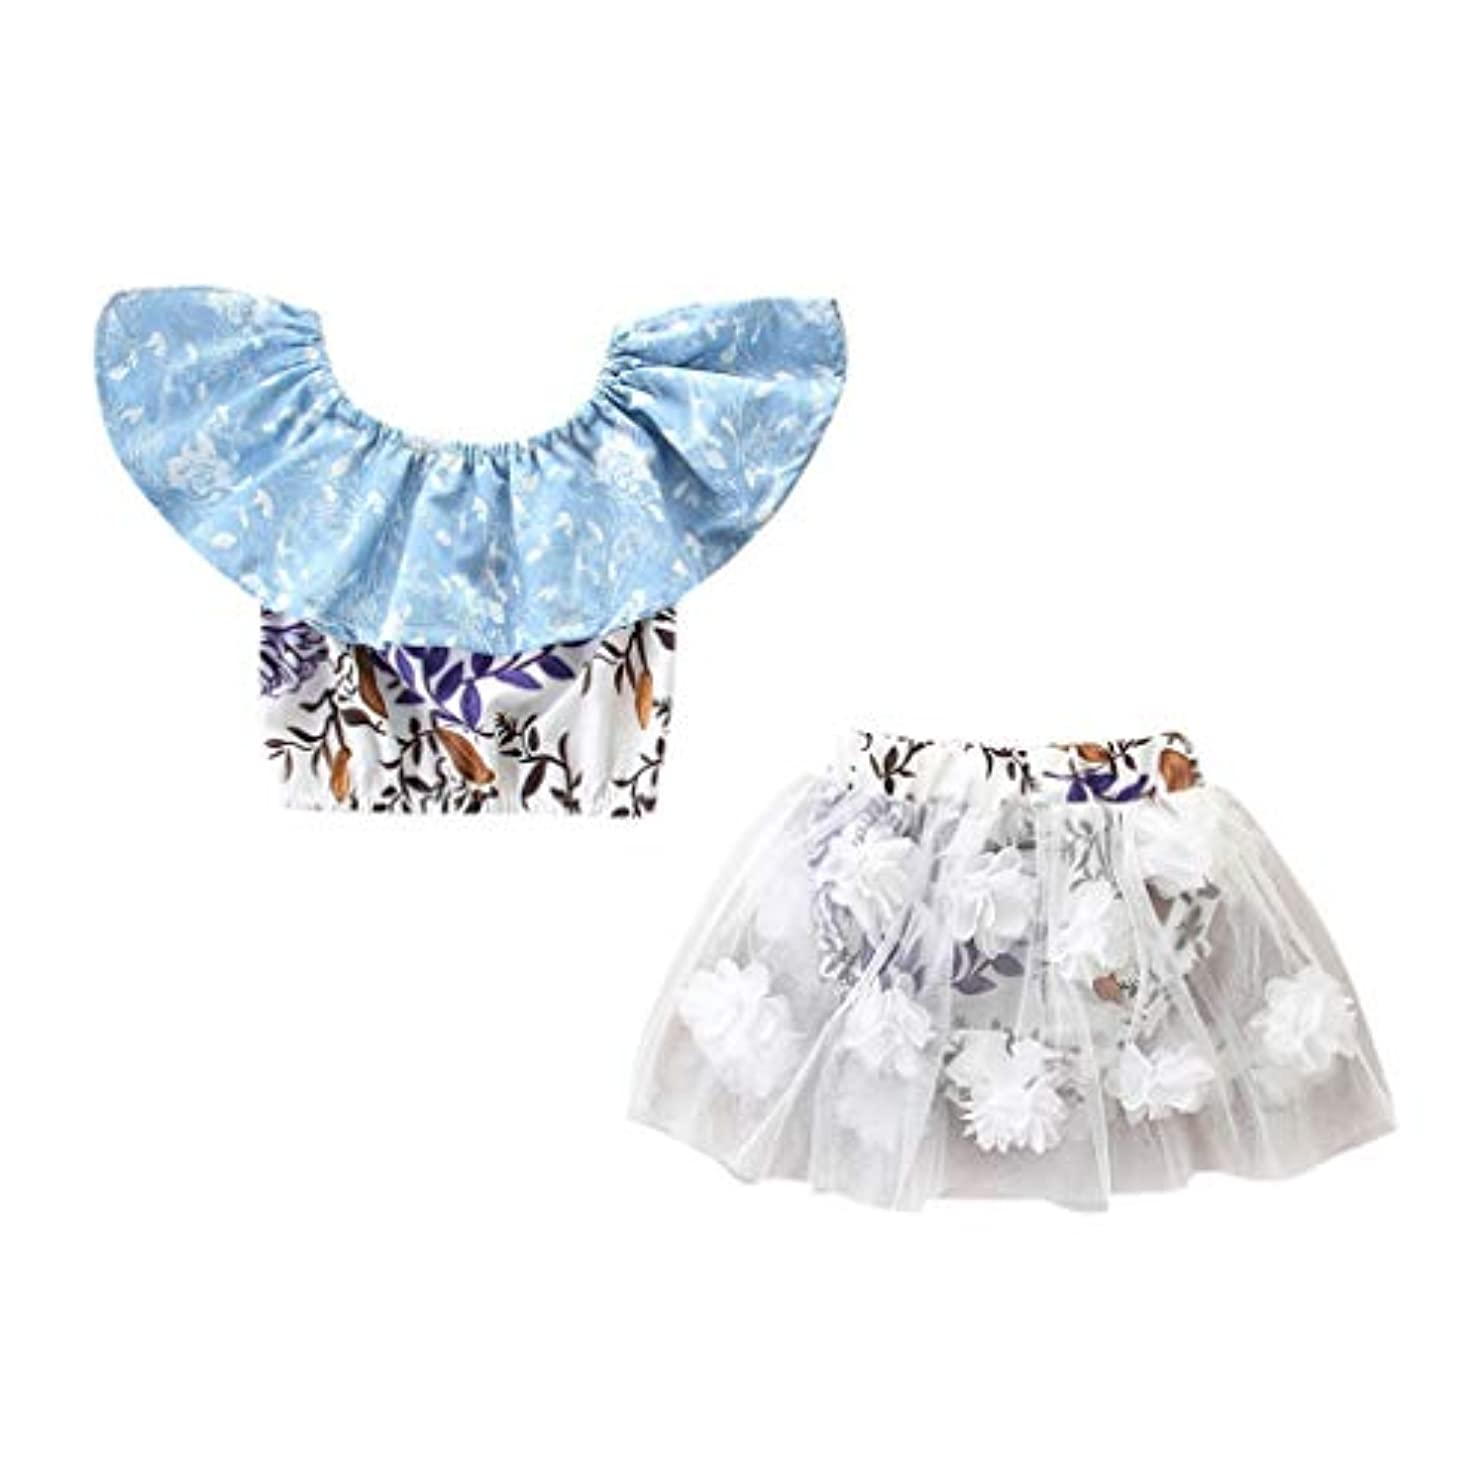 首尾一貫した有効化言い直すキッズ服 ドレスJopinica 6ヶ月~3歳 夏ボートネックプリントTシャツ? 3Dフラワーメッシュズボンツーピーススーツ 2点セットガールズ 特別なデザイン 花飾り ファッション女の子